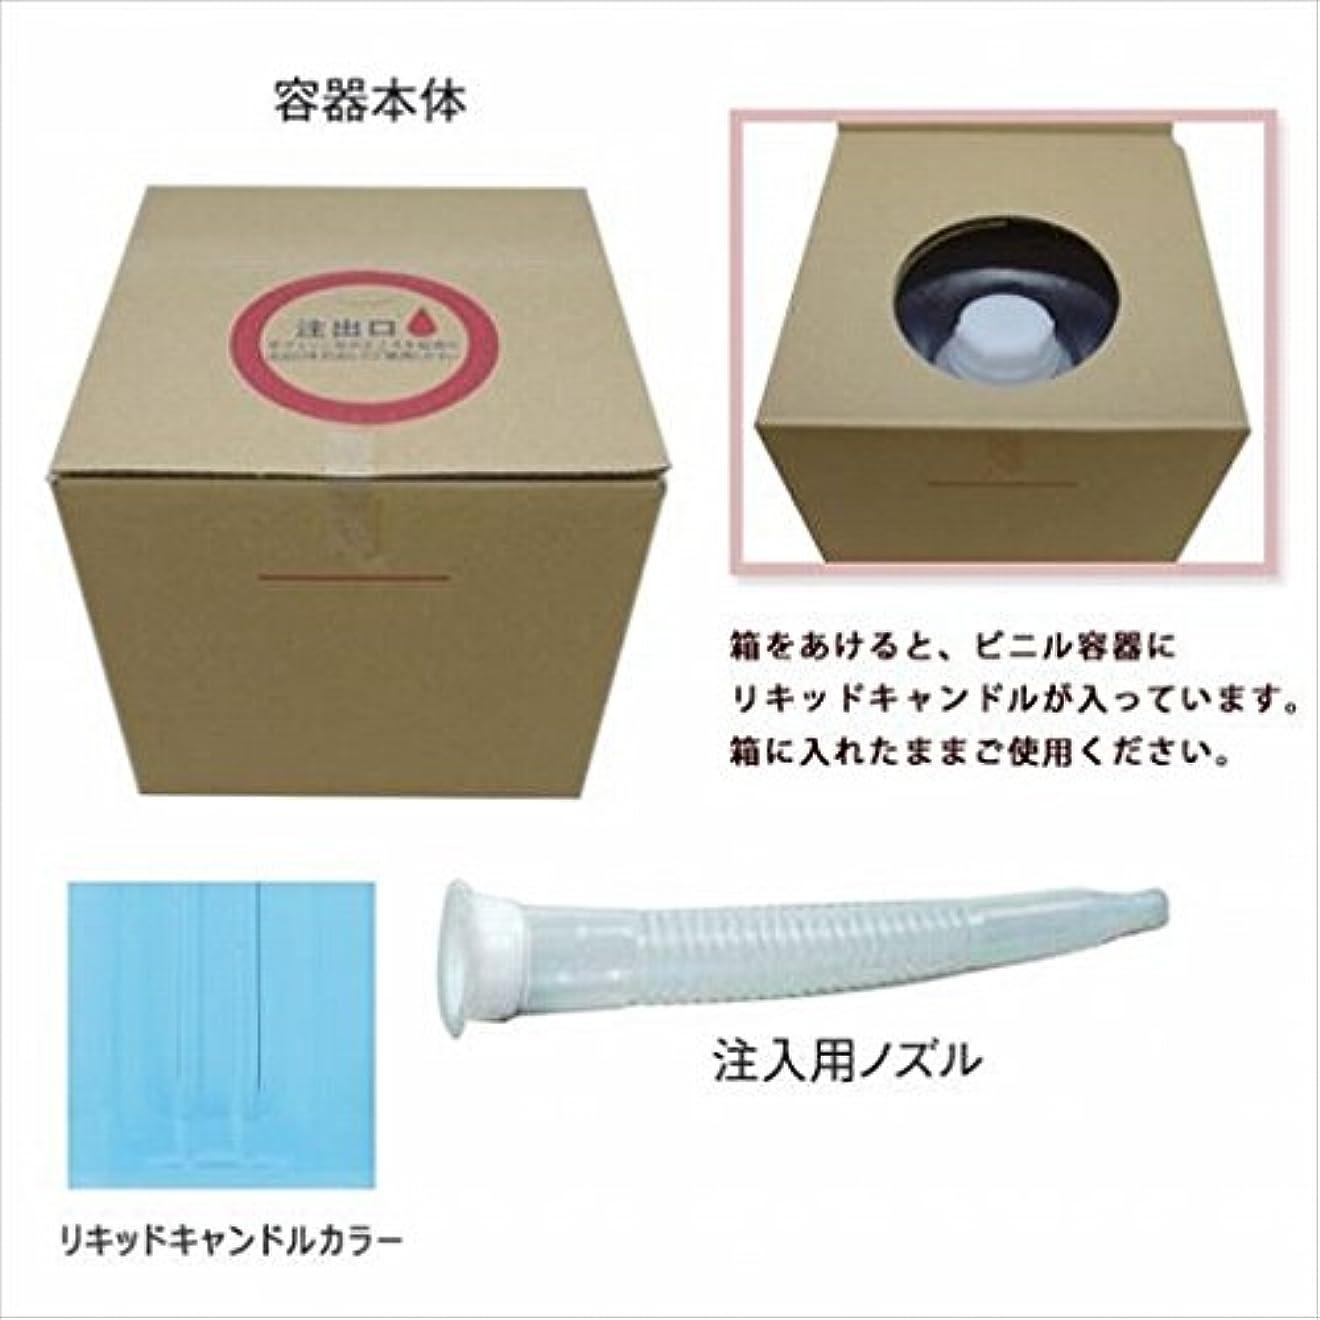 カメヤマキャンドル(kameyama candle) リキッドキャンドル5リットル 「 ライトブルー 」